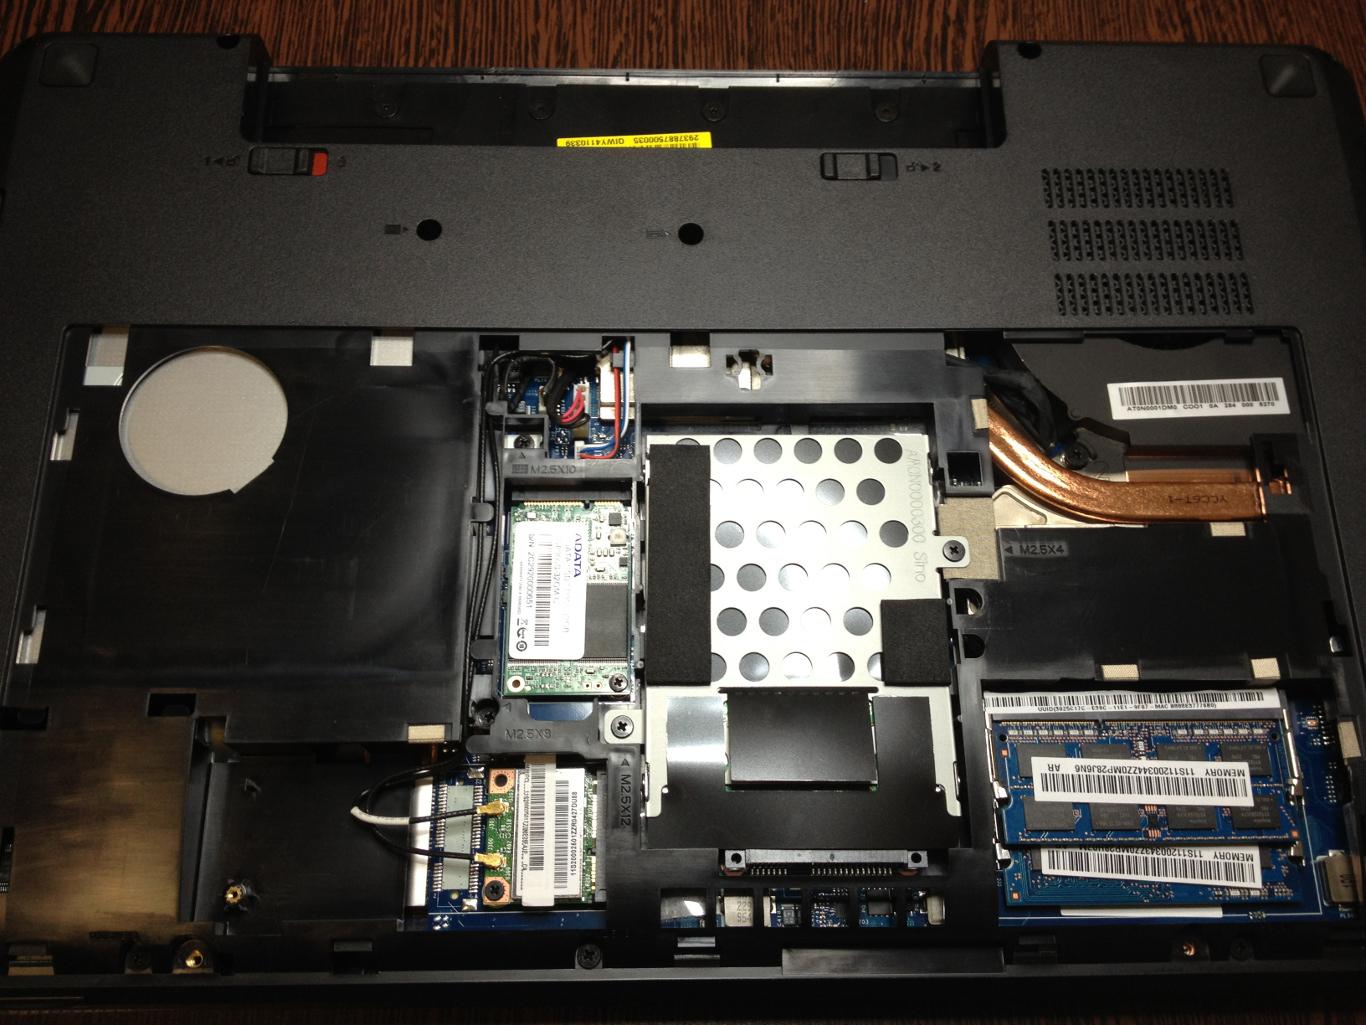 Turbózd fel laptopodat és válts SSD-re!